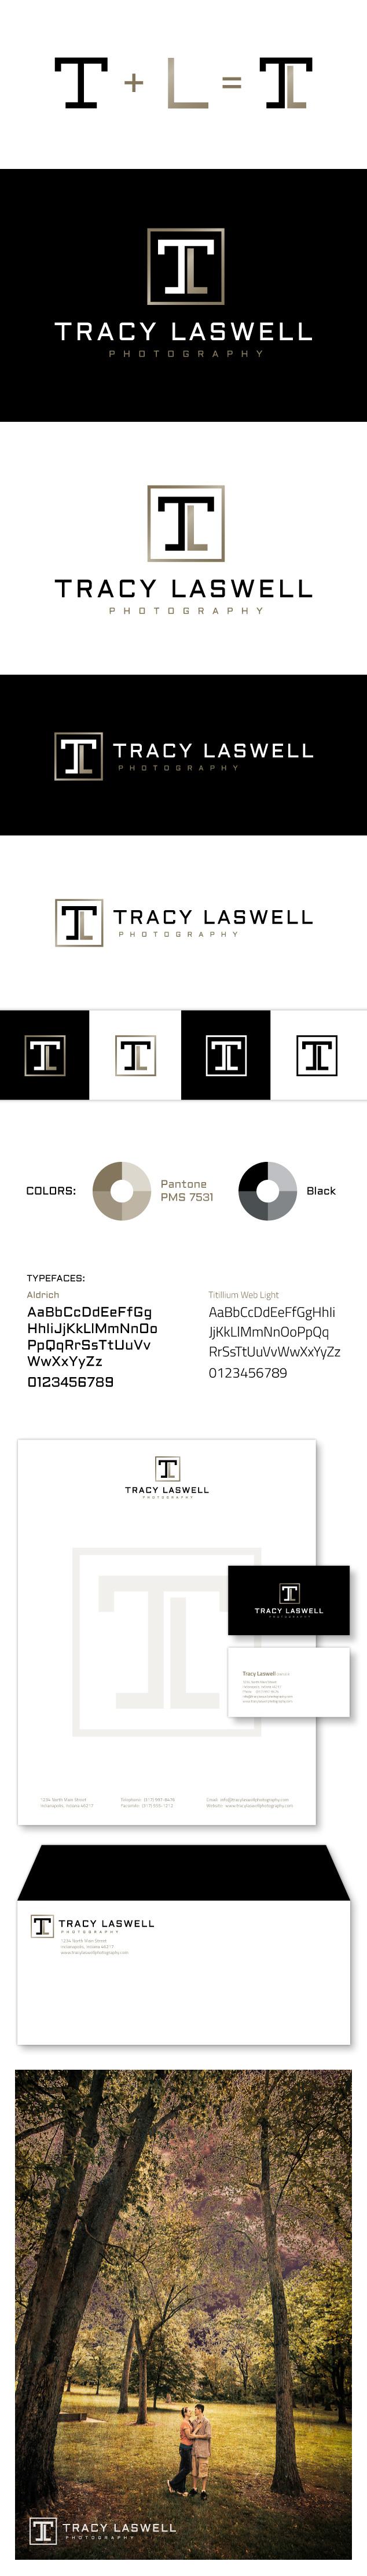 TLP-final-branding